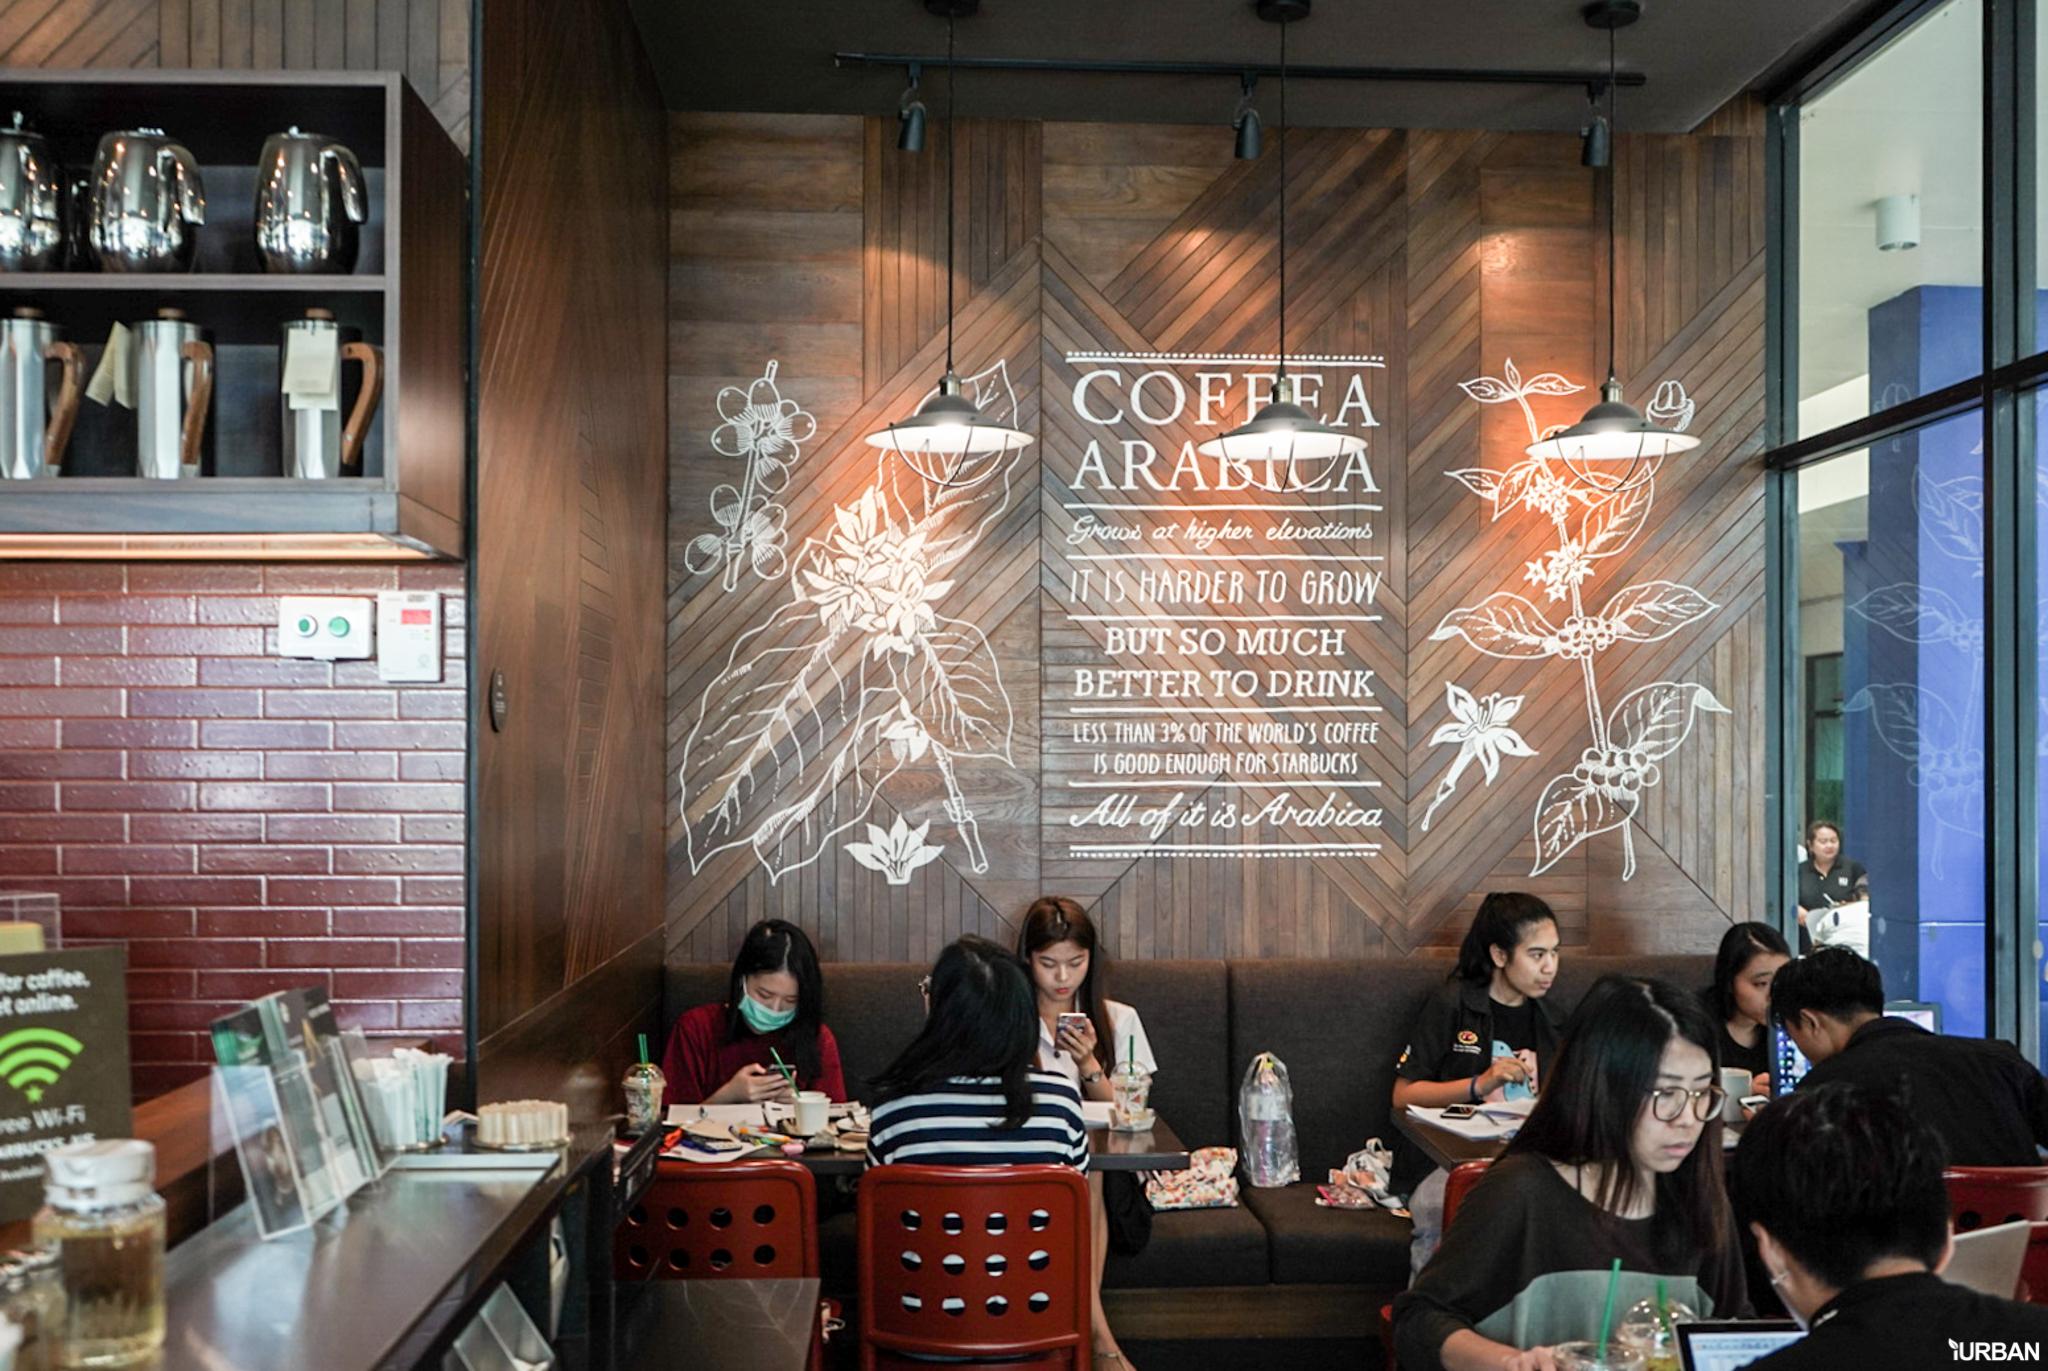 14 ร้านกาแฟ ม.เกษตร คาเฟ่สไตล์นักศึกษาและคนทำงาน + สำรวจ Co-Working Space ที่ KENSINGTON KASET CAMPUS (เคนซิงตัน เกษตร แคมปัส) 65 - cafe